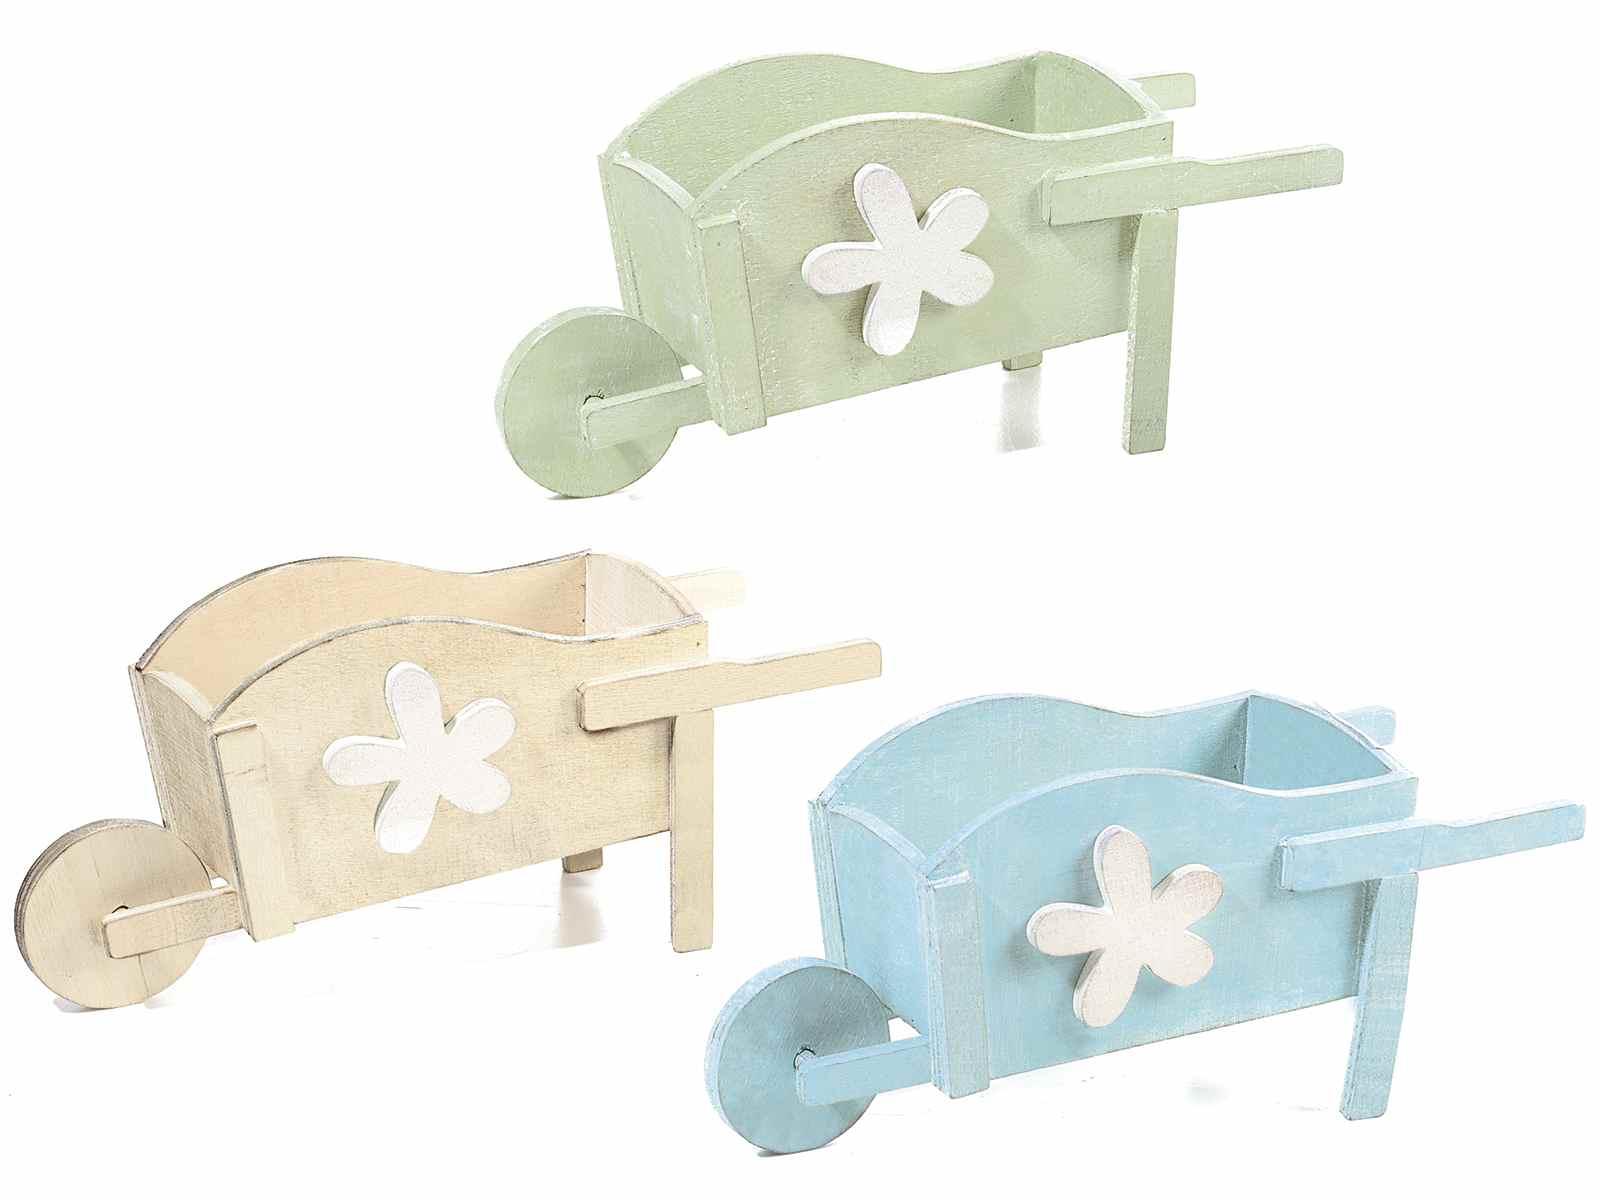 Brouette Decorative En Bois De Couleur Avec Fleur Blanc 51 34 14